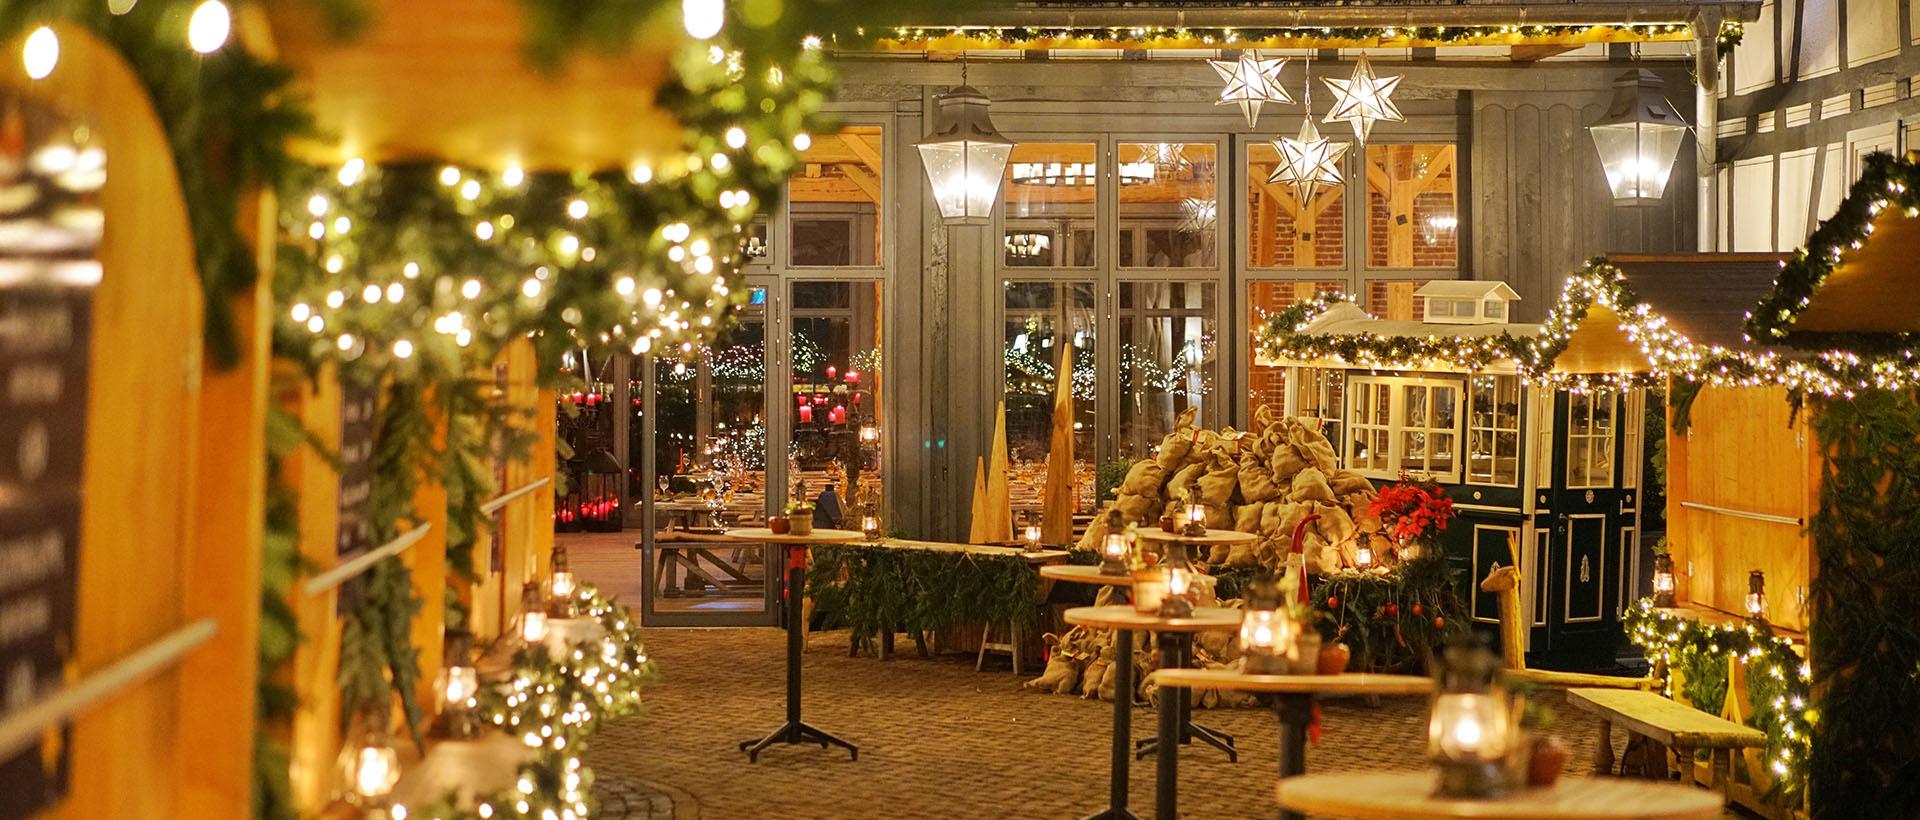 Dagobertshausen Weihnachtsmarkt.Advents Und Weihnachtsmarkt Hofgut Dagobertshausen Marburg